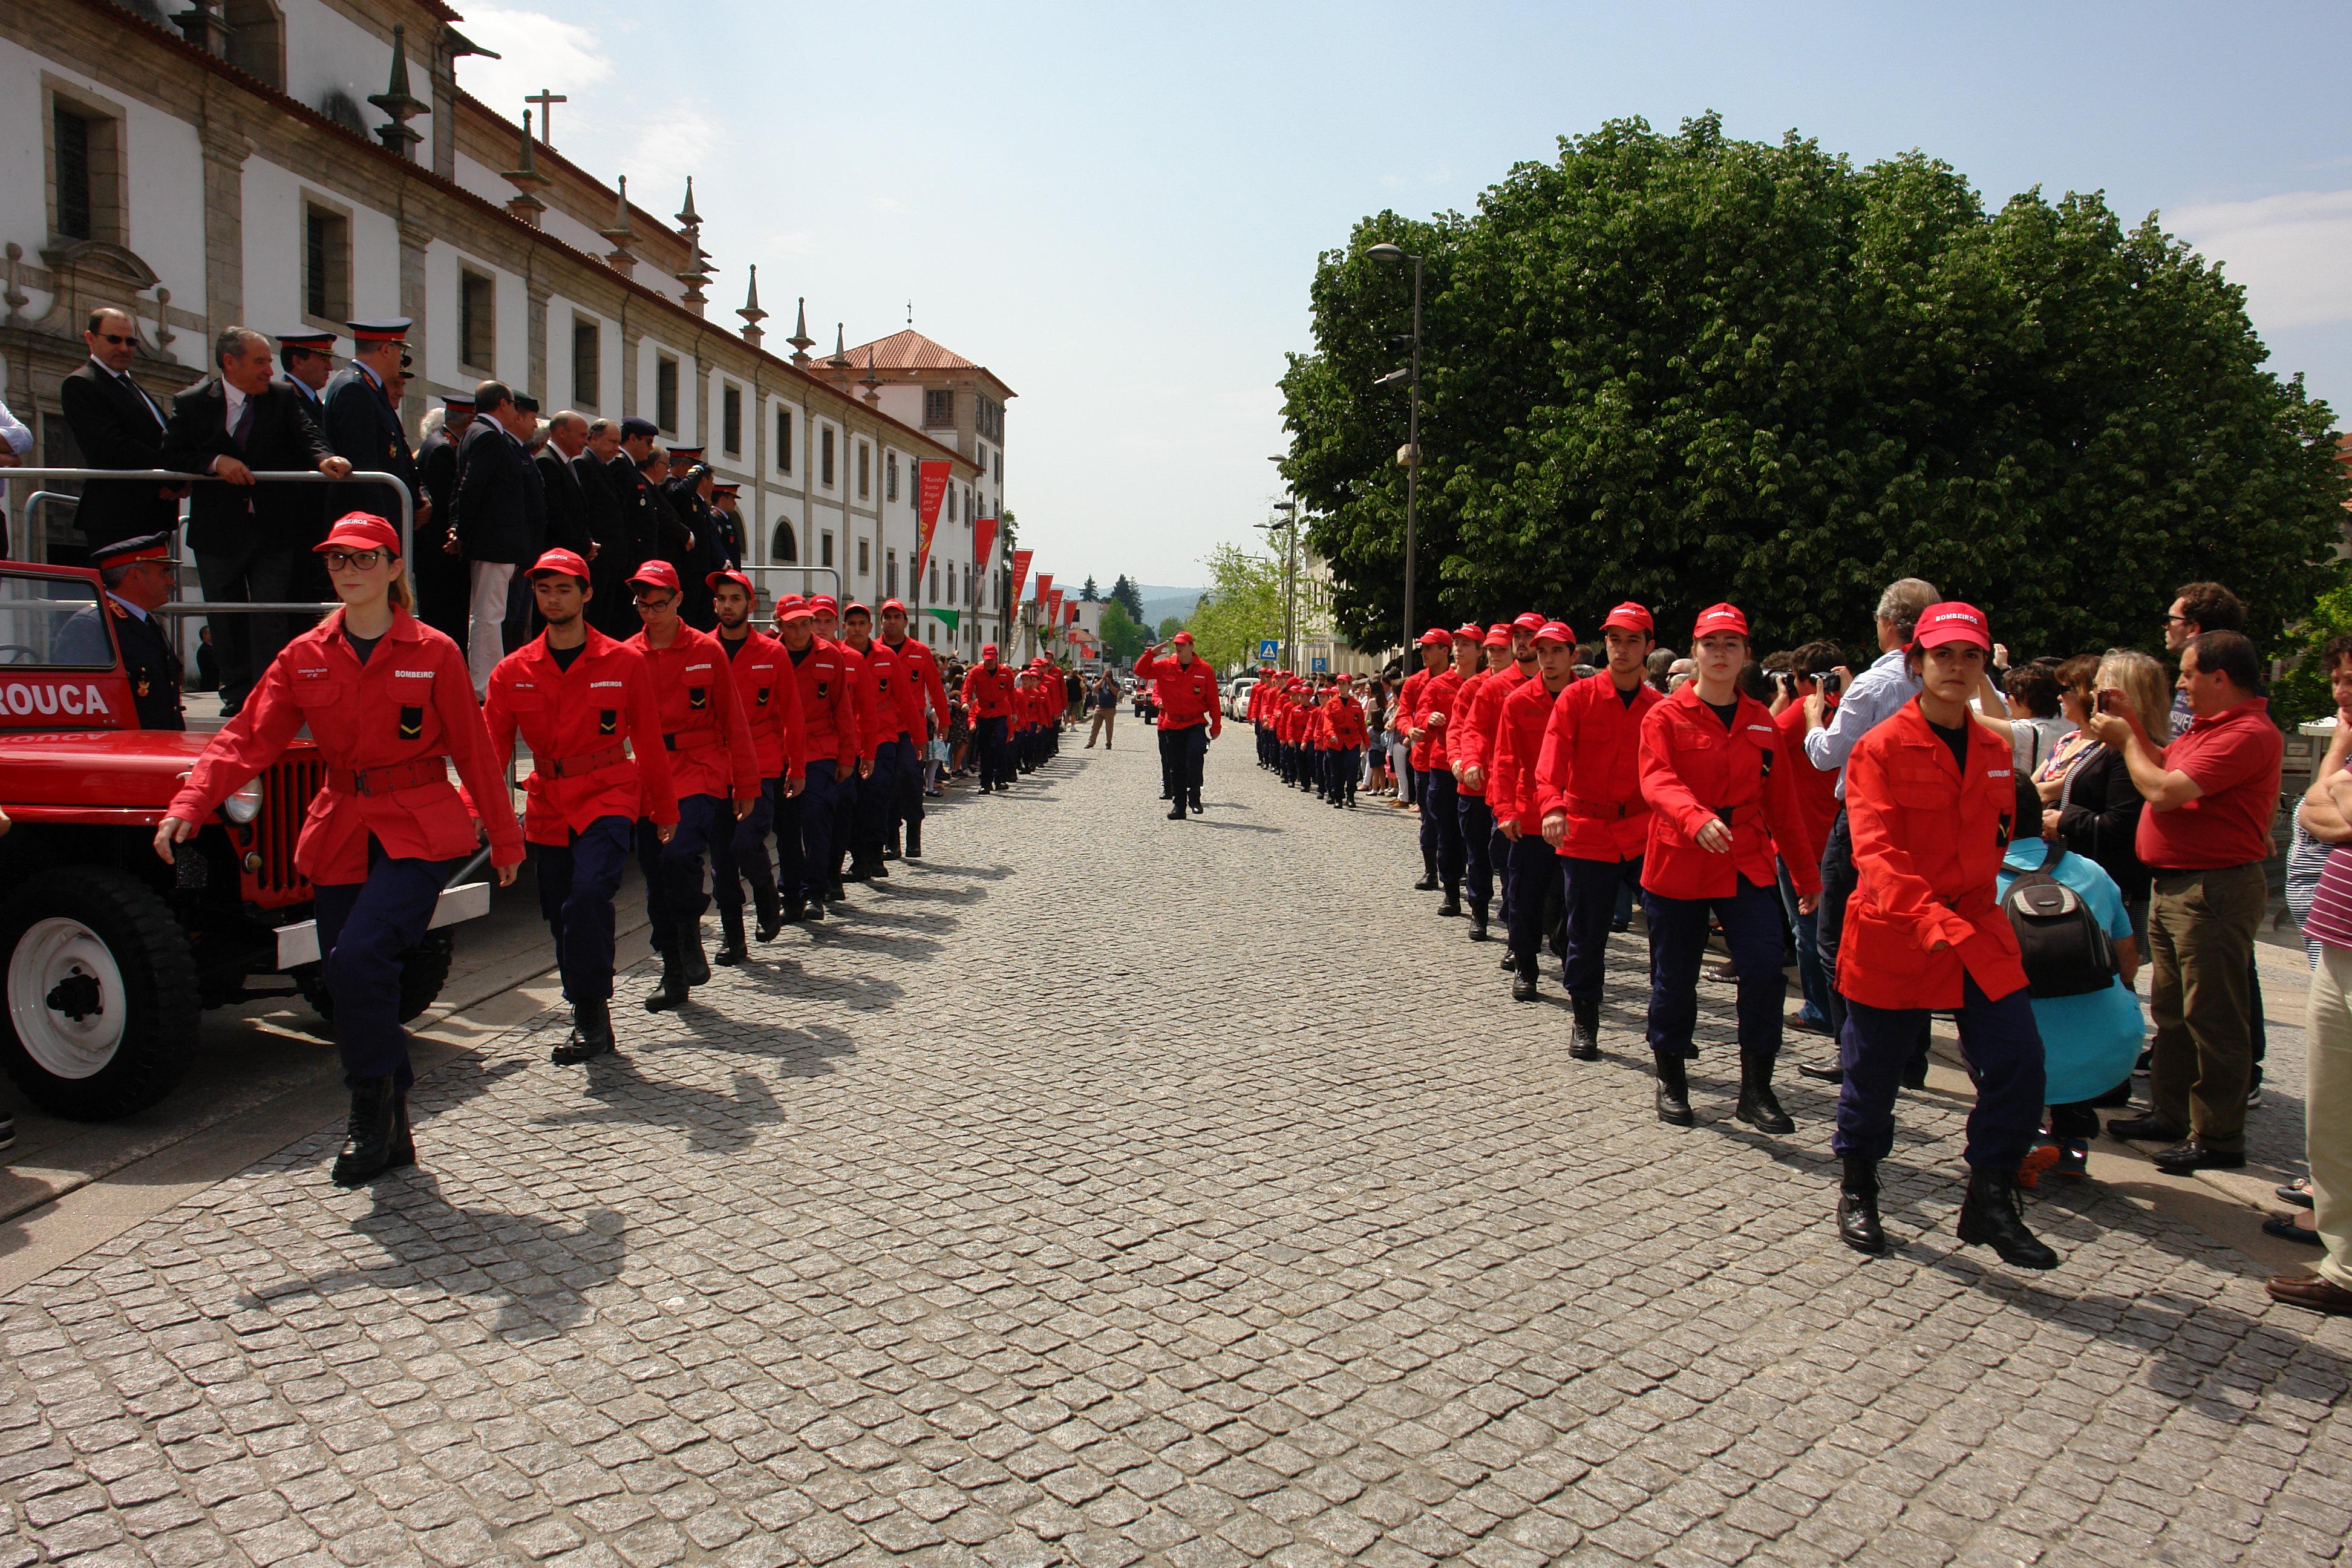 Bombeiros Voluntários de Arouca celebraram 40.º Aniversário